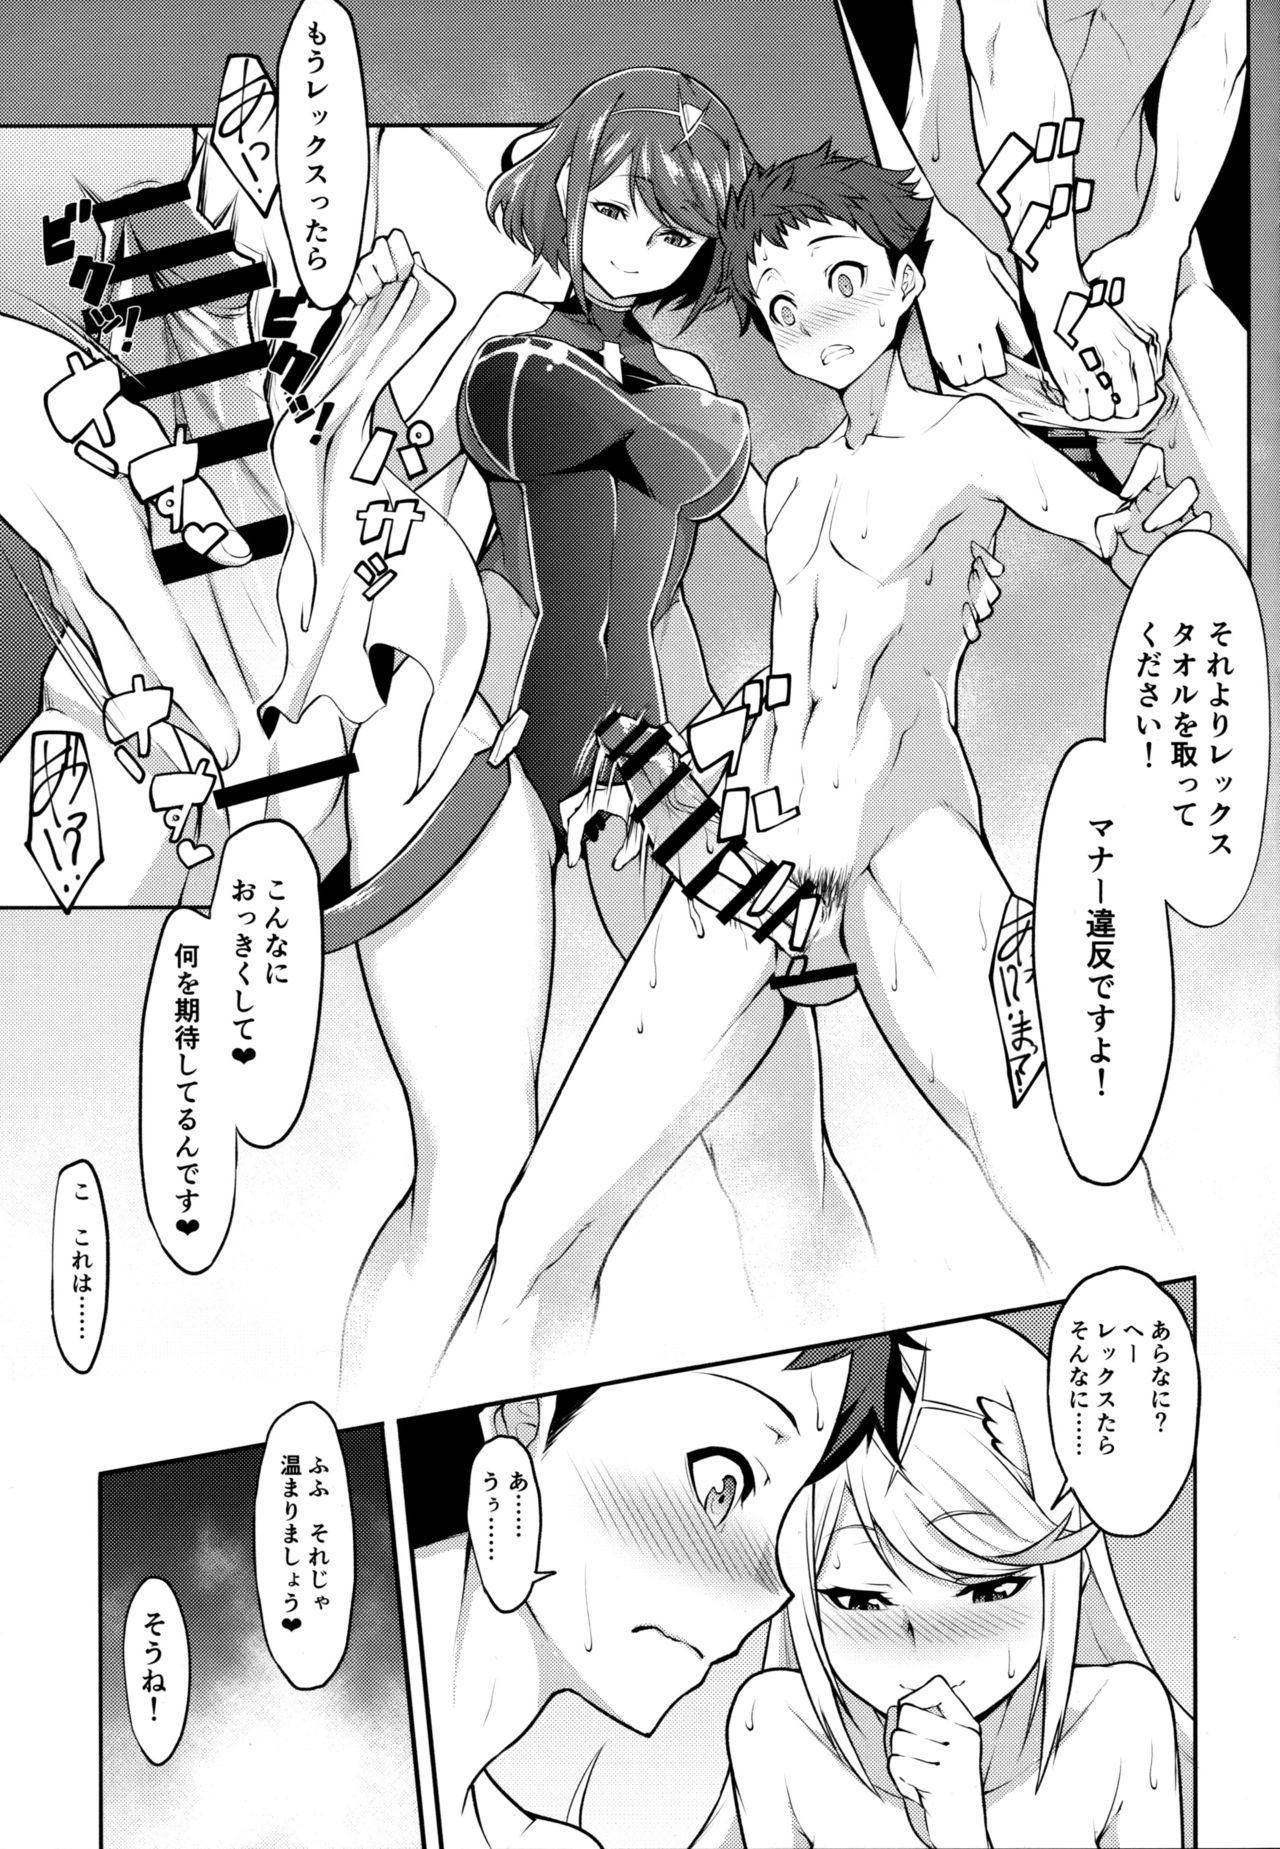 Seihai no Yu 4